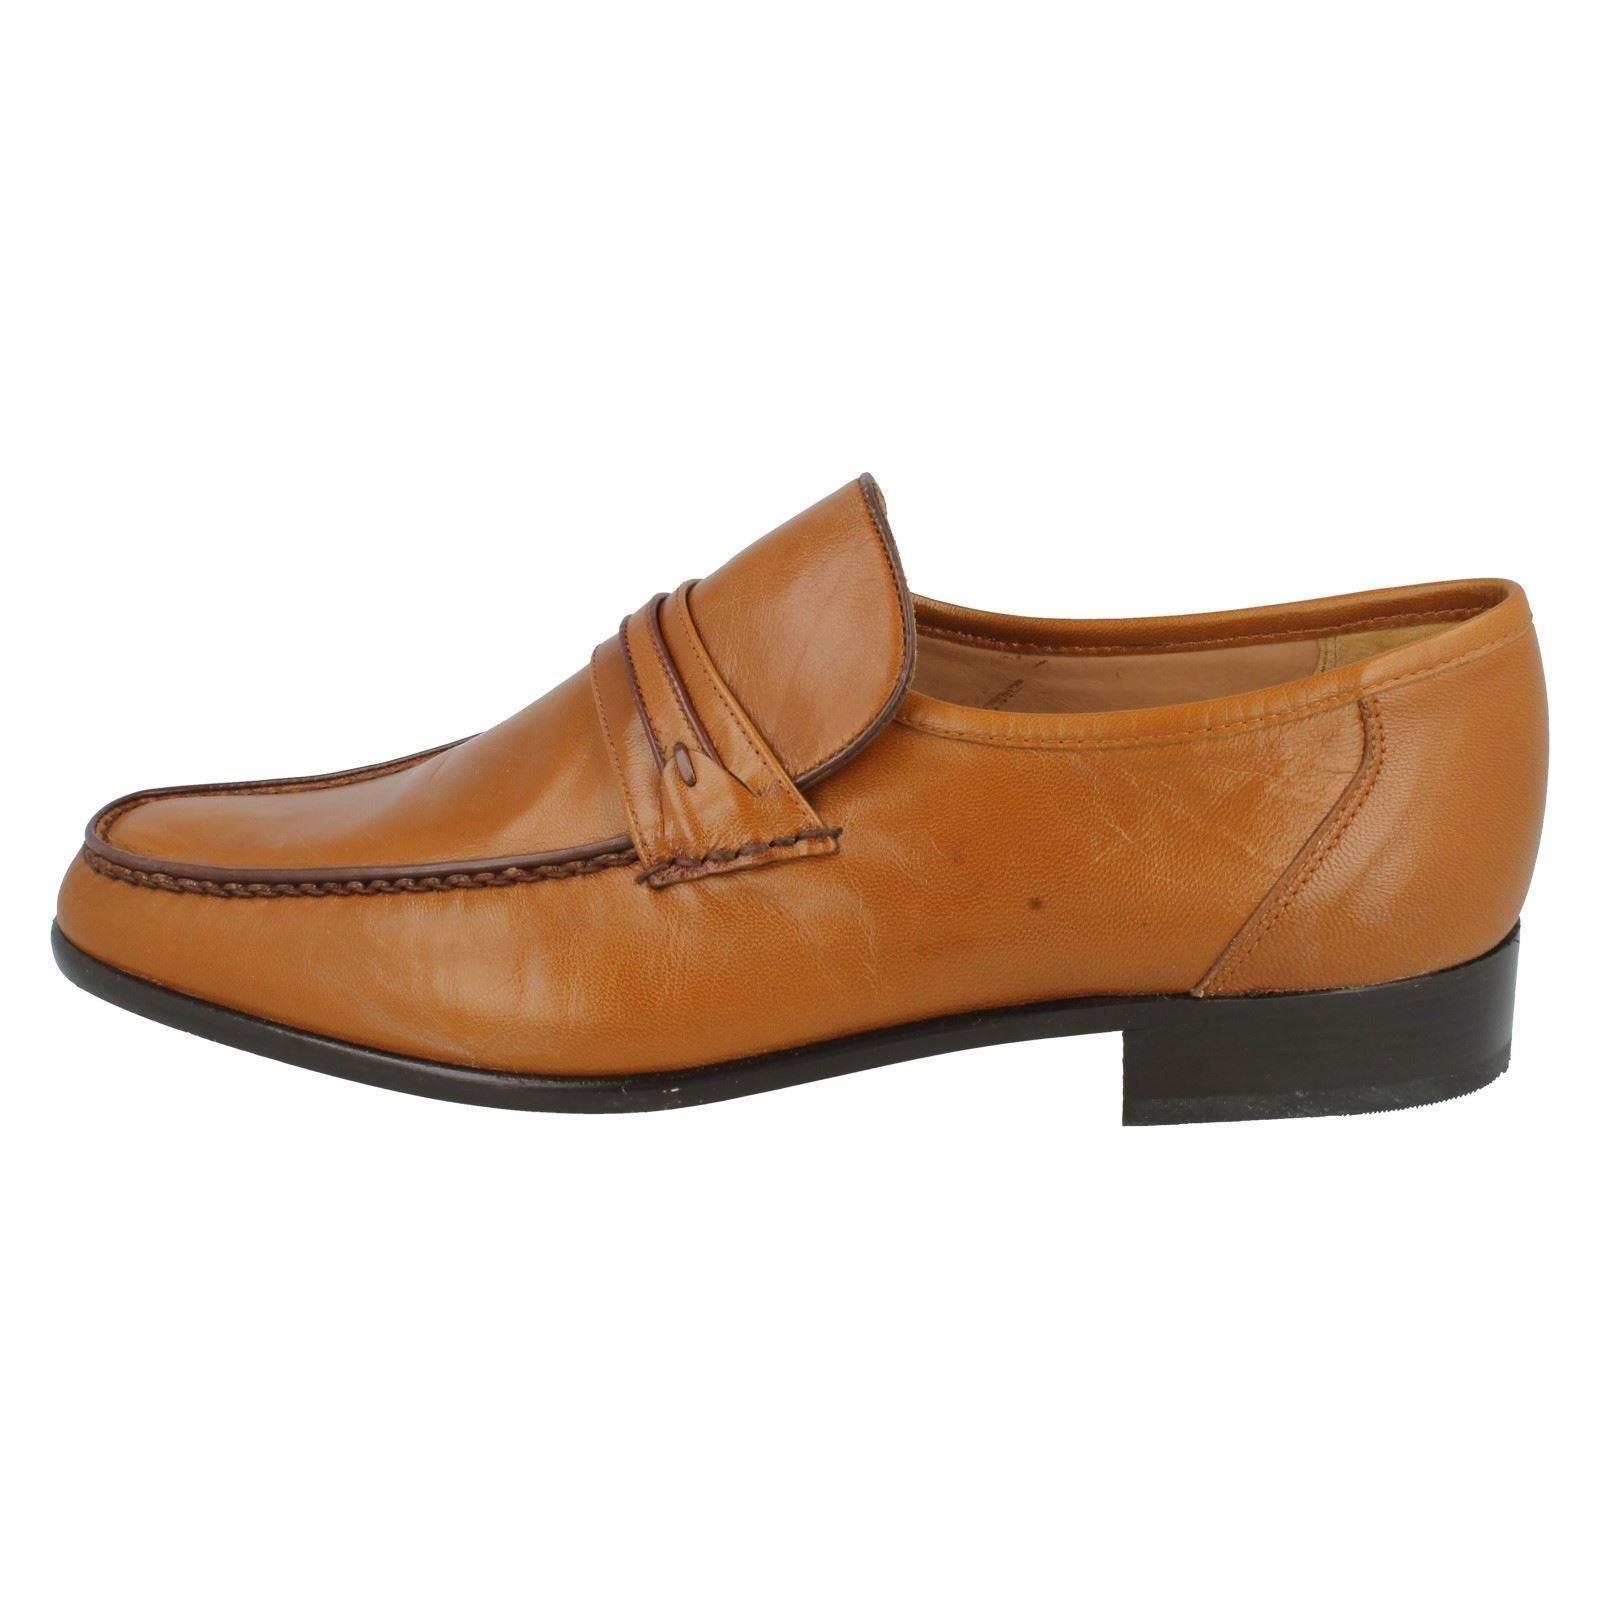 Herren Grenson Leder Party Mokassin Stil Smart ohne Bügel Party Leder Schuhe Albany 9fbf7f